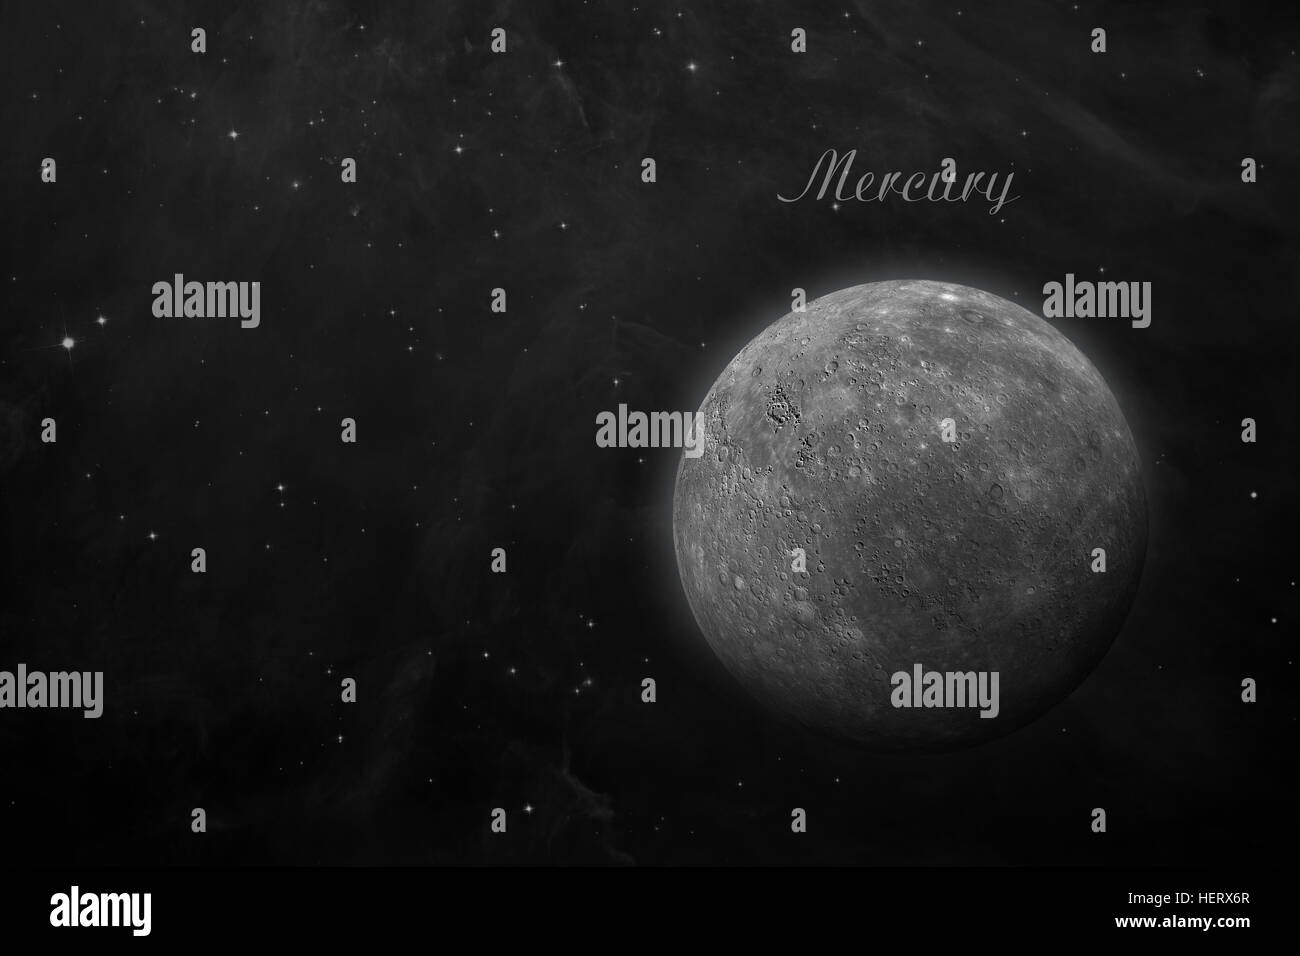 mercury planet desktop backgrounds - photo #39